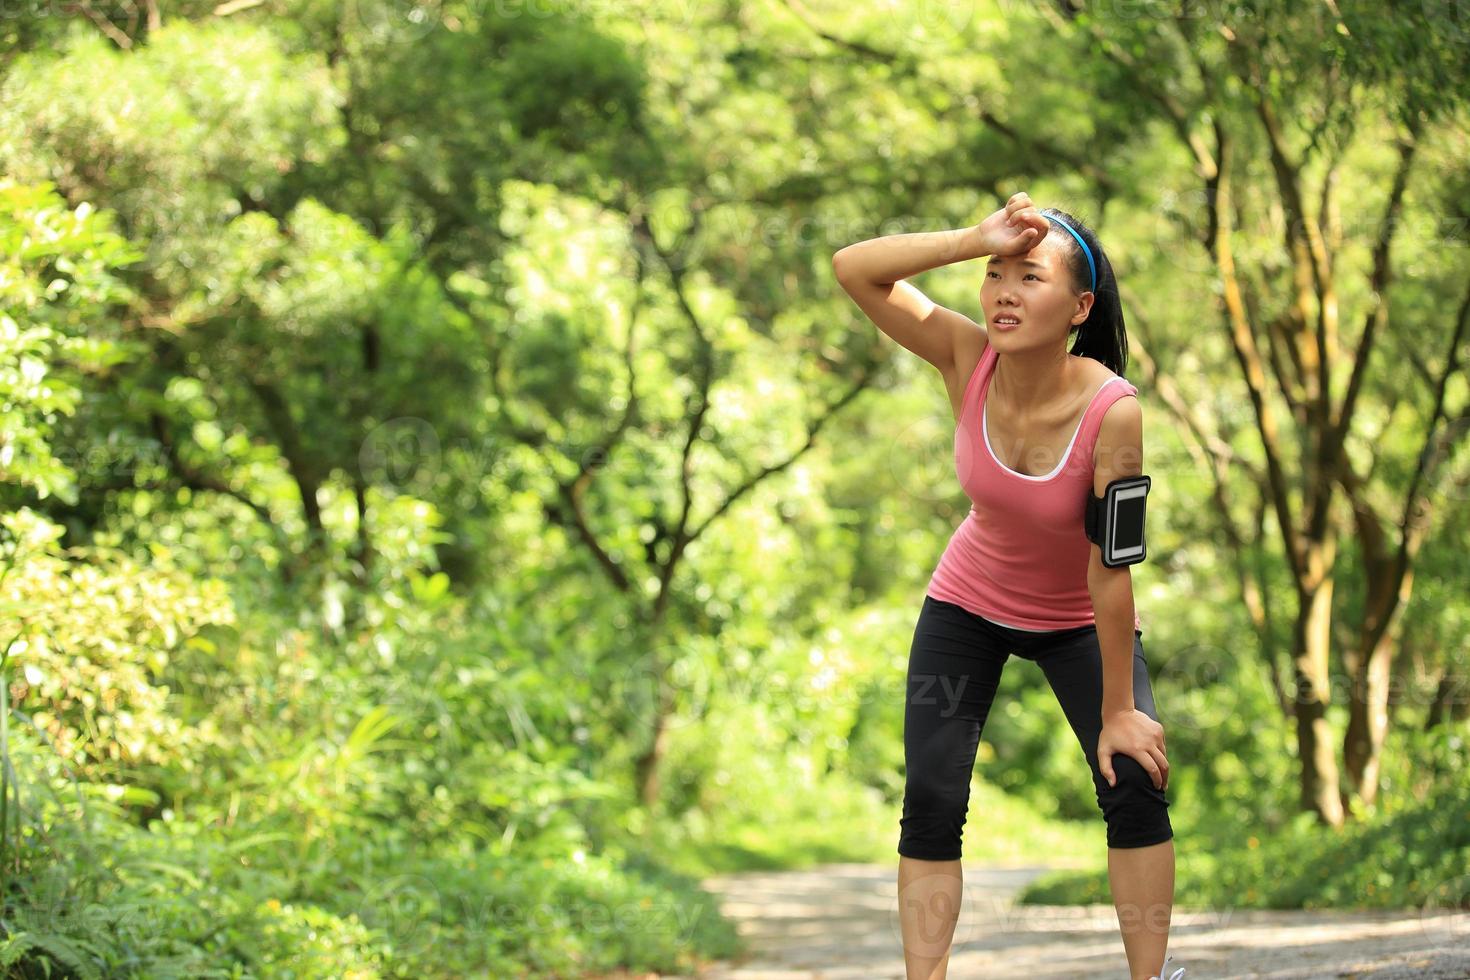 mujer cansada corredor descansar después de correr duro foto